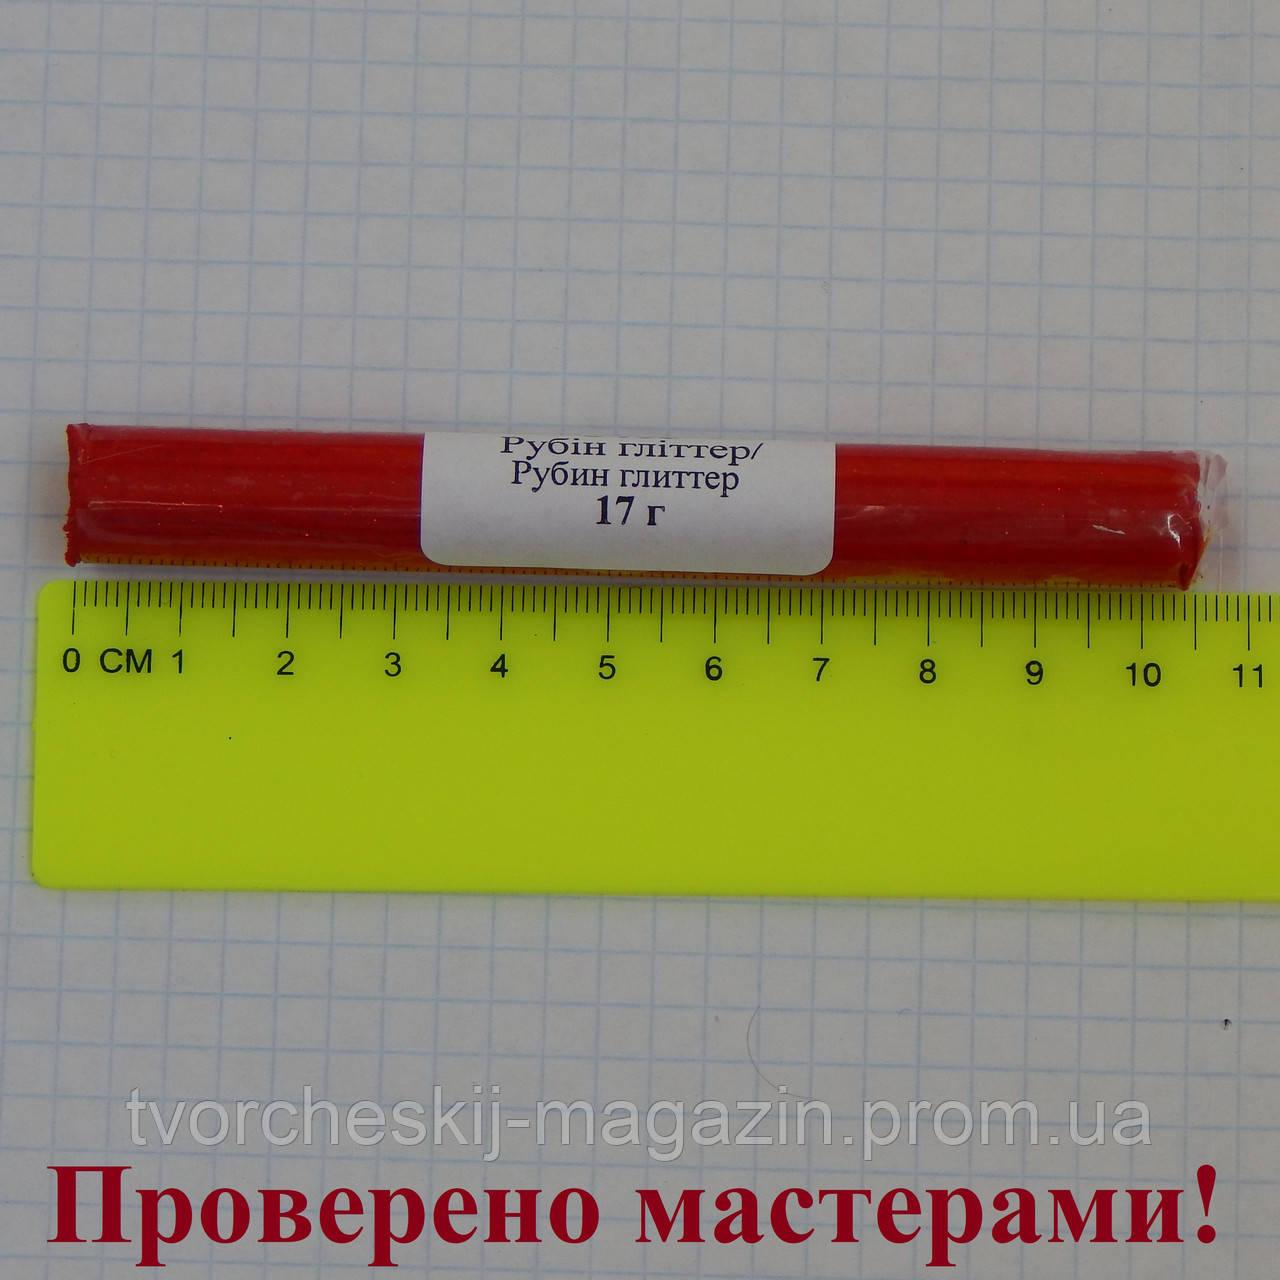 Полимерная глина LEMA (Лема), цвет рубин глиттер , 17 г.